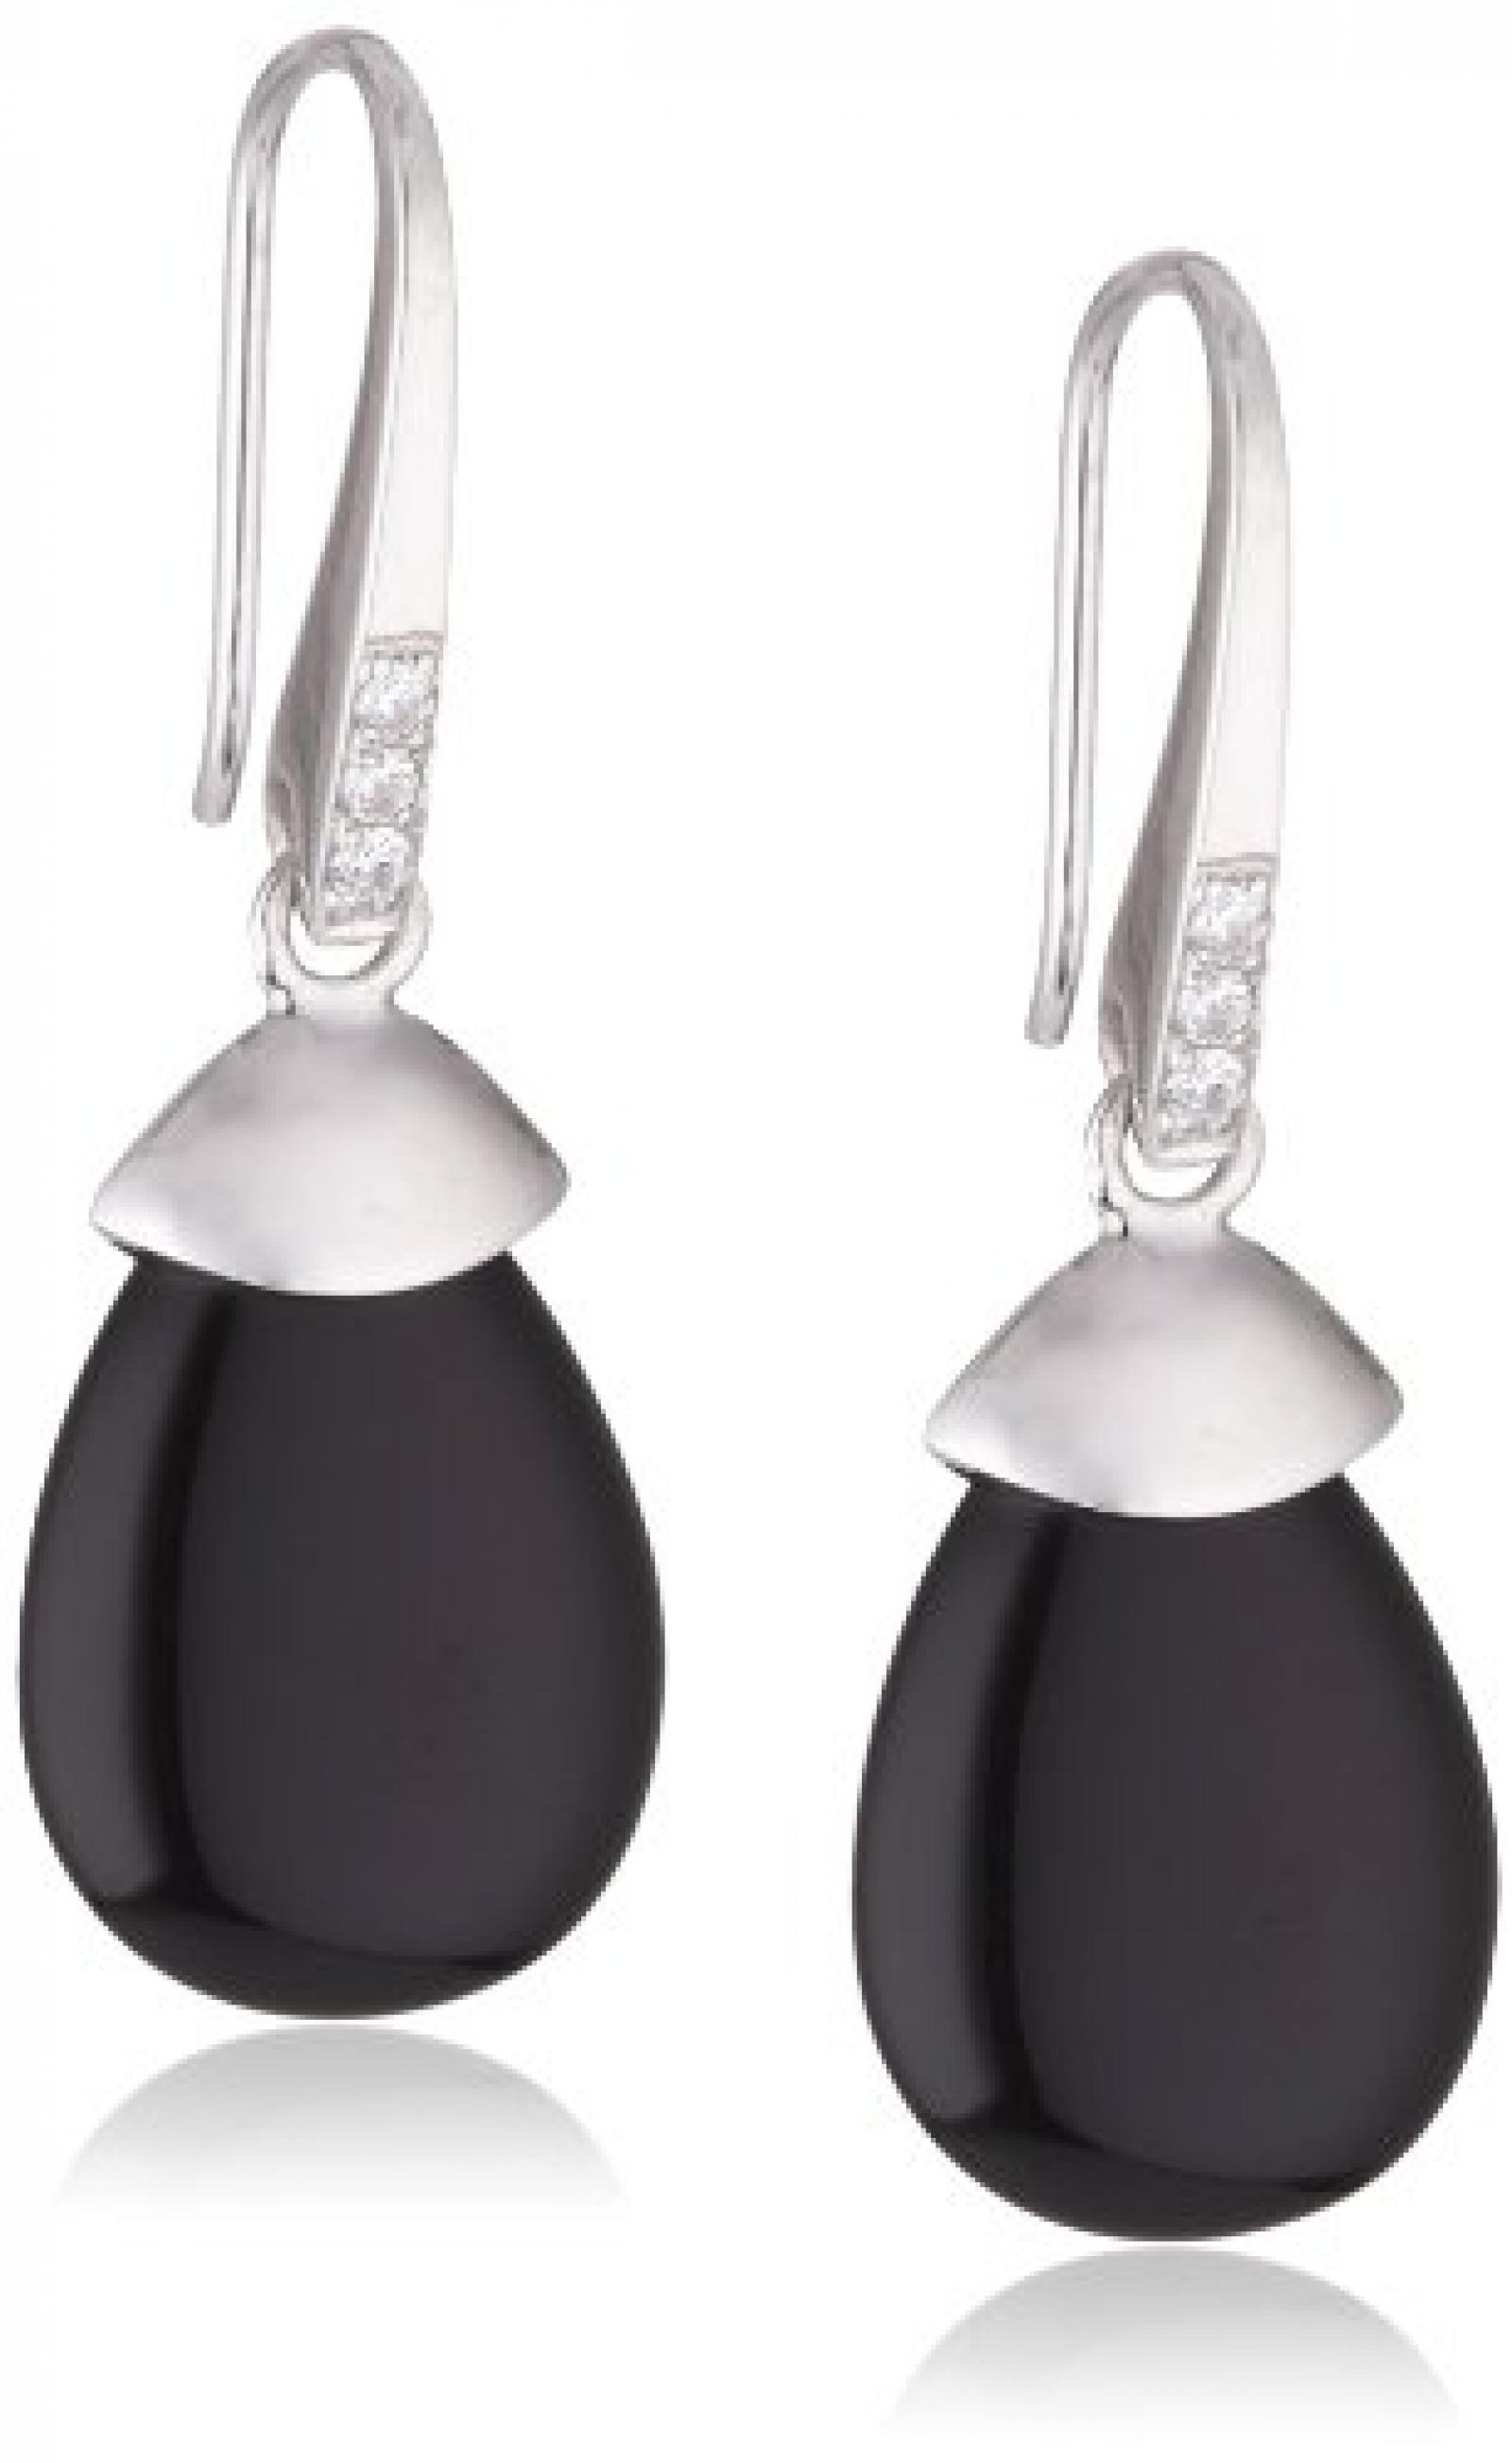 Viventy Damen-Ohrhänger 925 Sterling Silber mit 1 Zirkonia in weiss und 1 Onyx in schwarz 763774